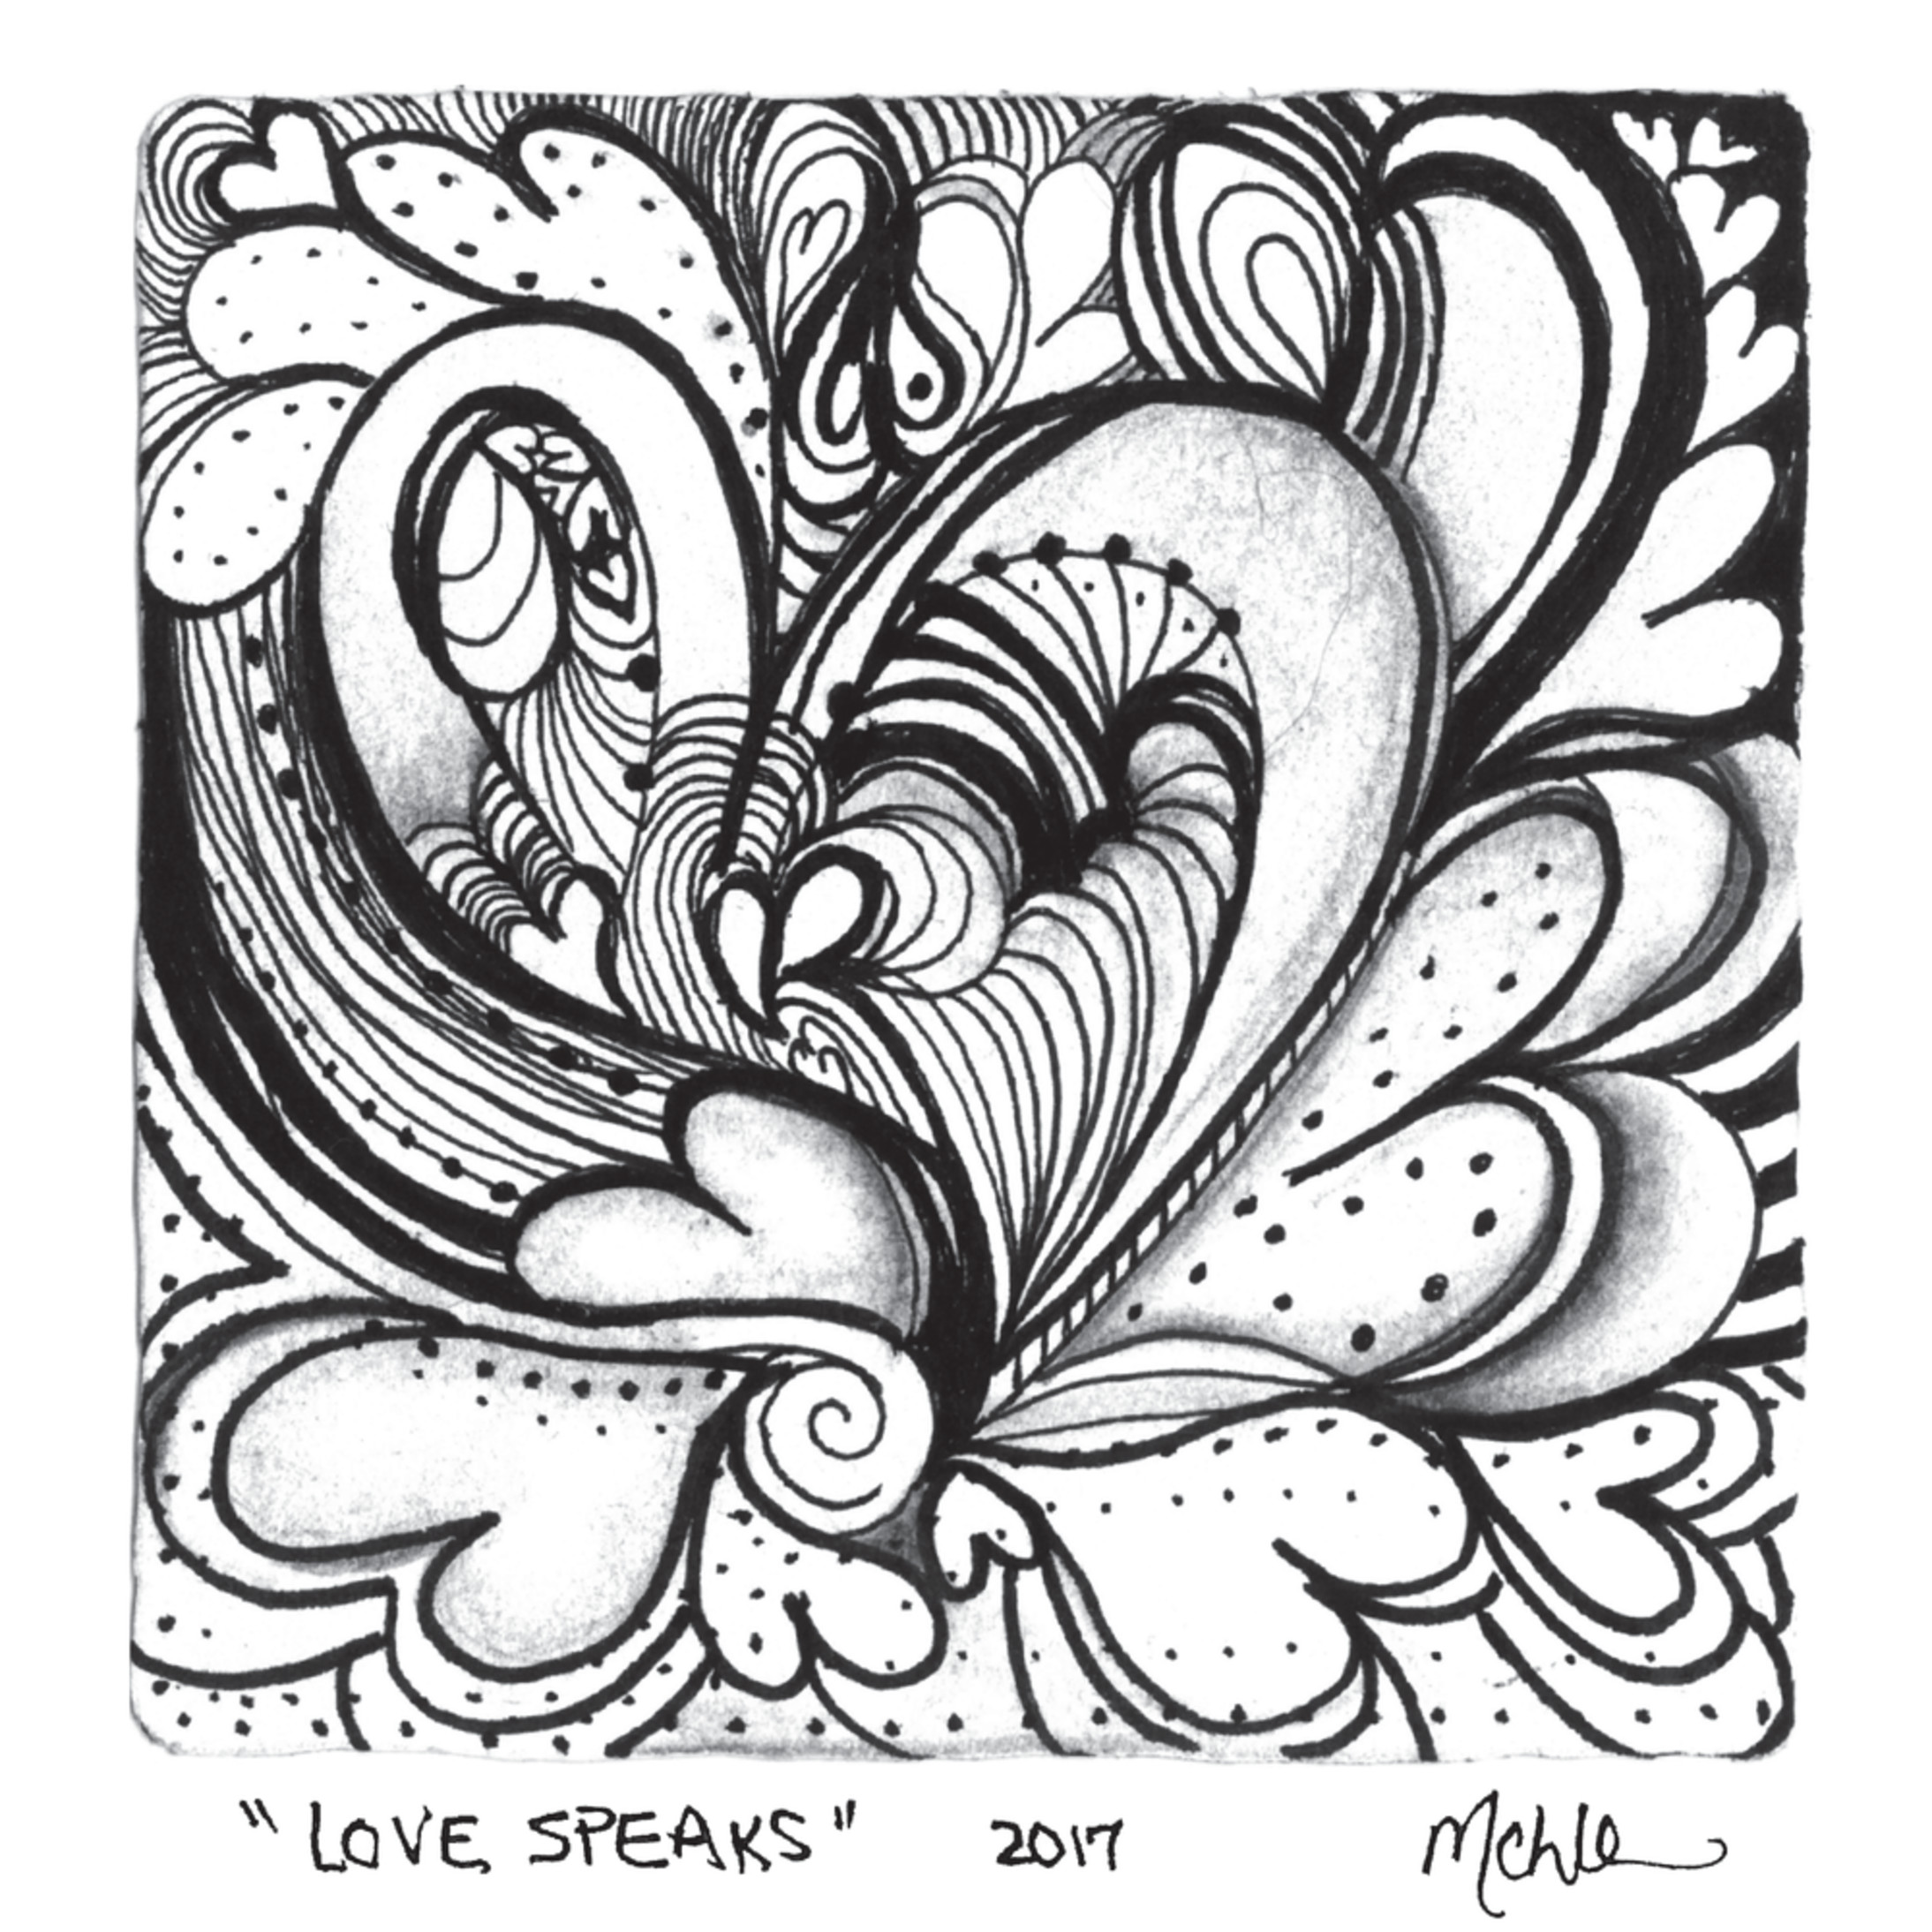 Love speaks ppdlej